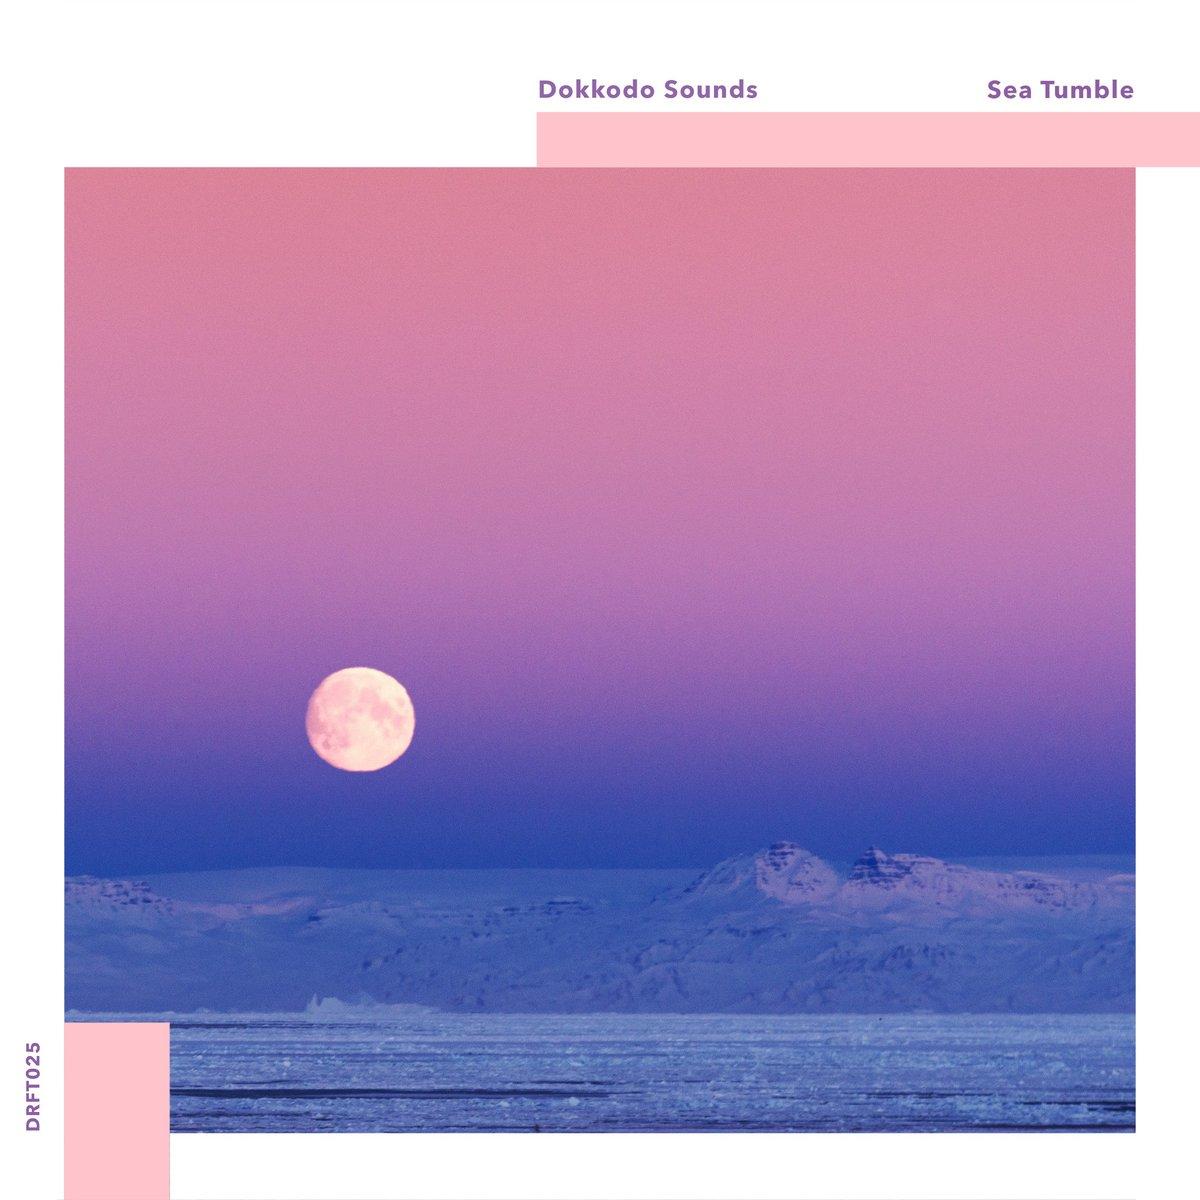 Dokkodo Sounds - Sea Tumble